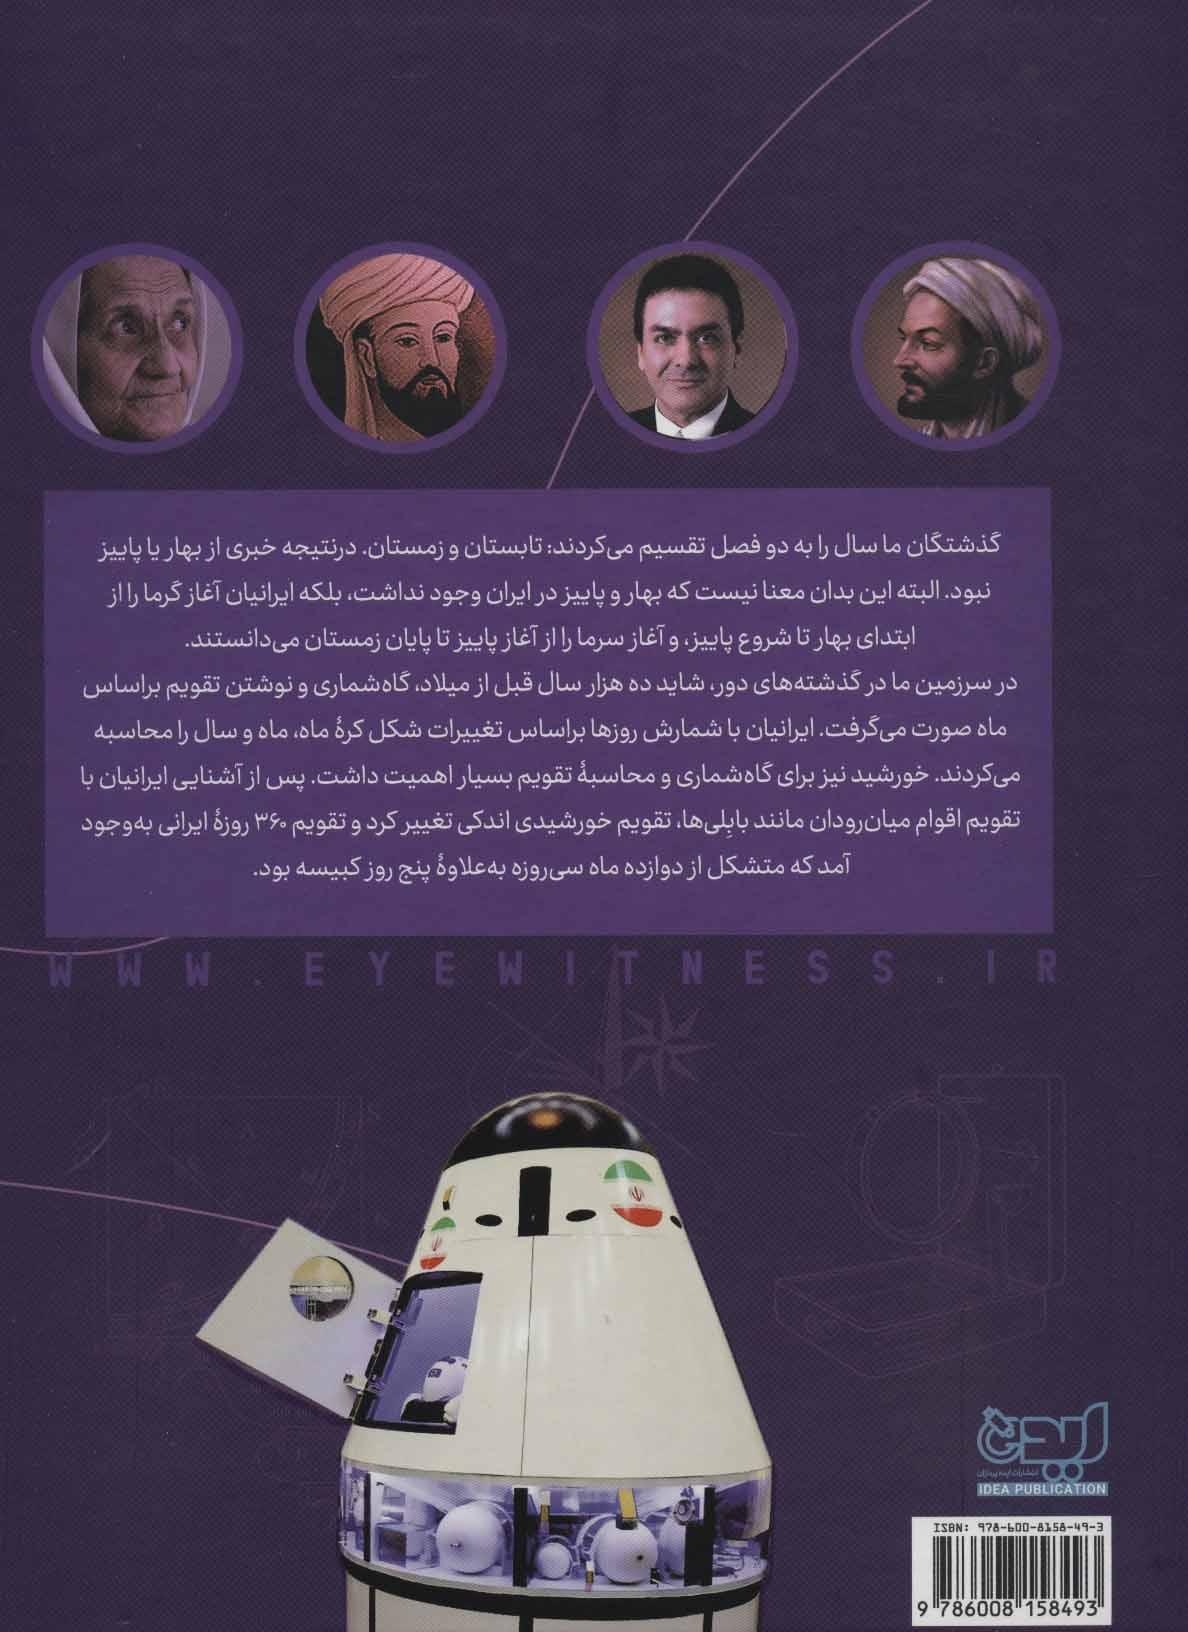 نجوم در ایران (از اسطوره تا امروز)،(گلاسه)